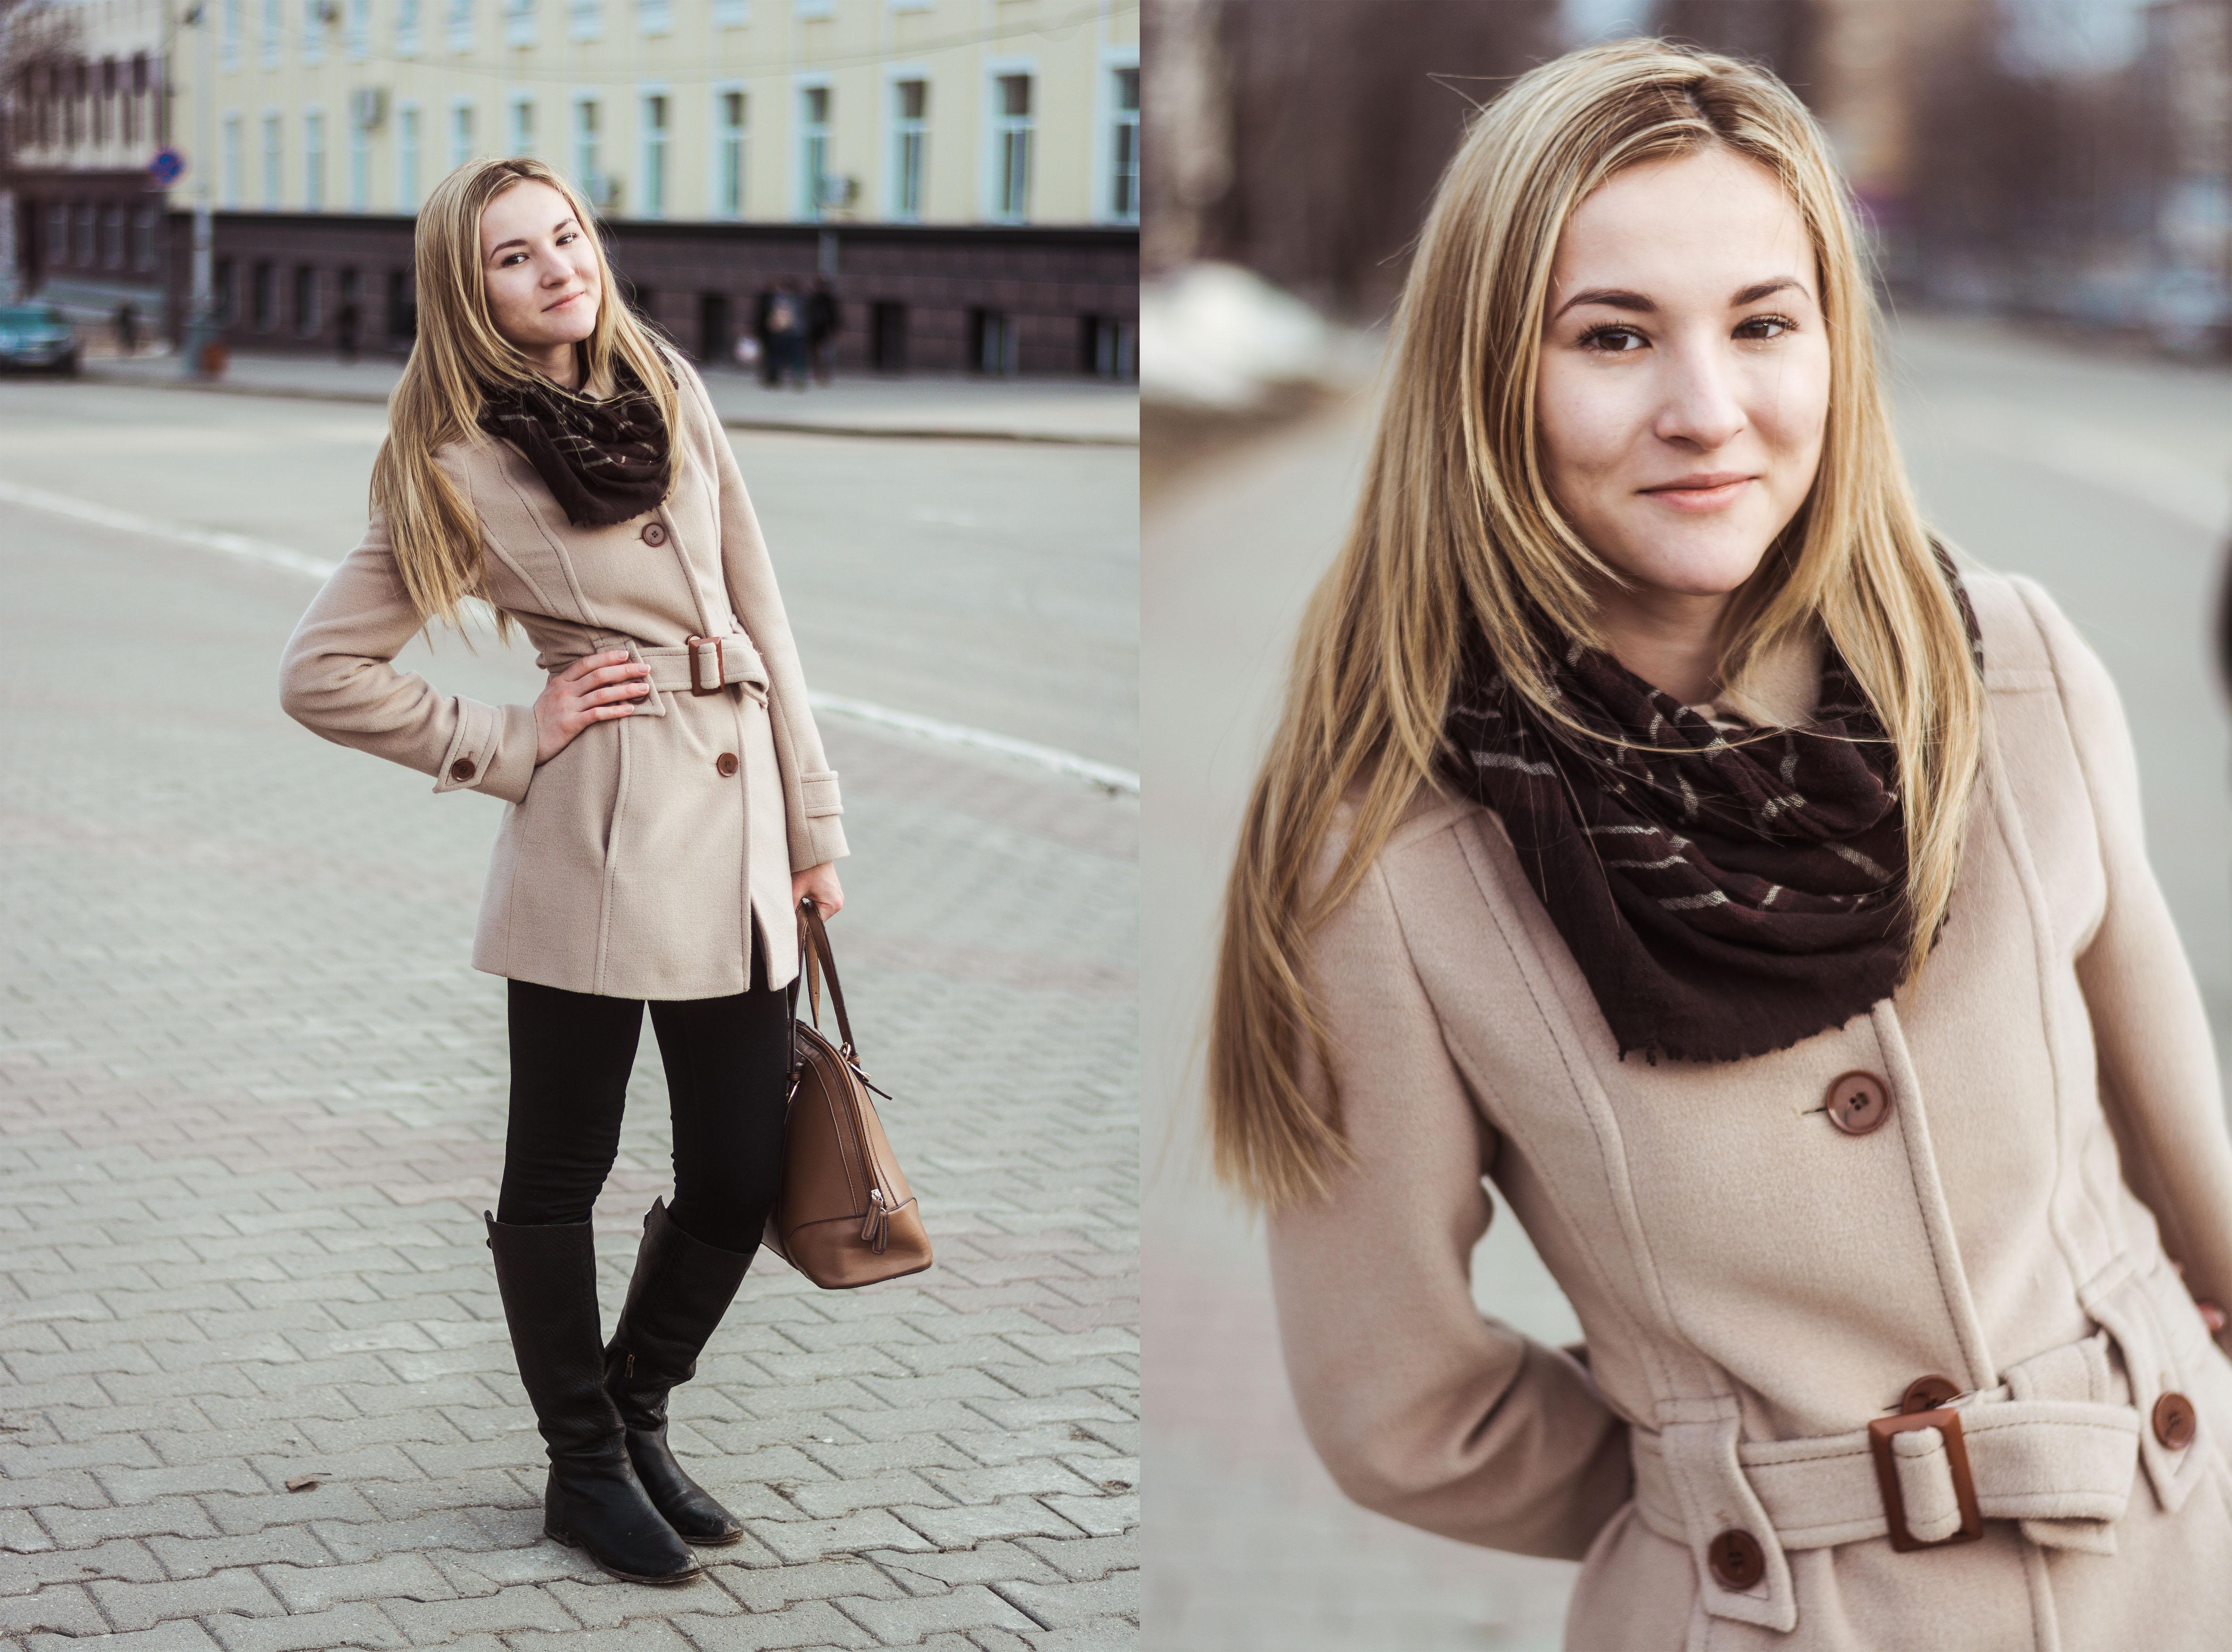 Сыктывкарские девушки фото 5 фотография